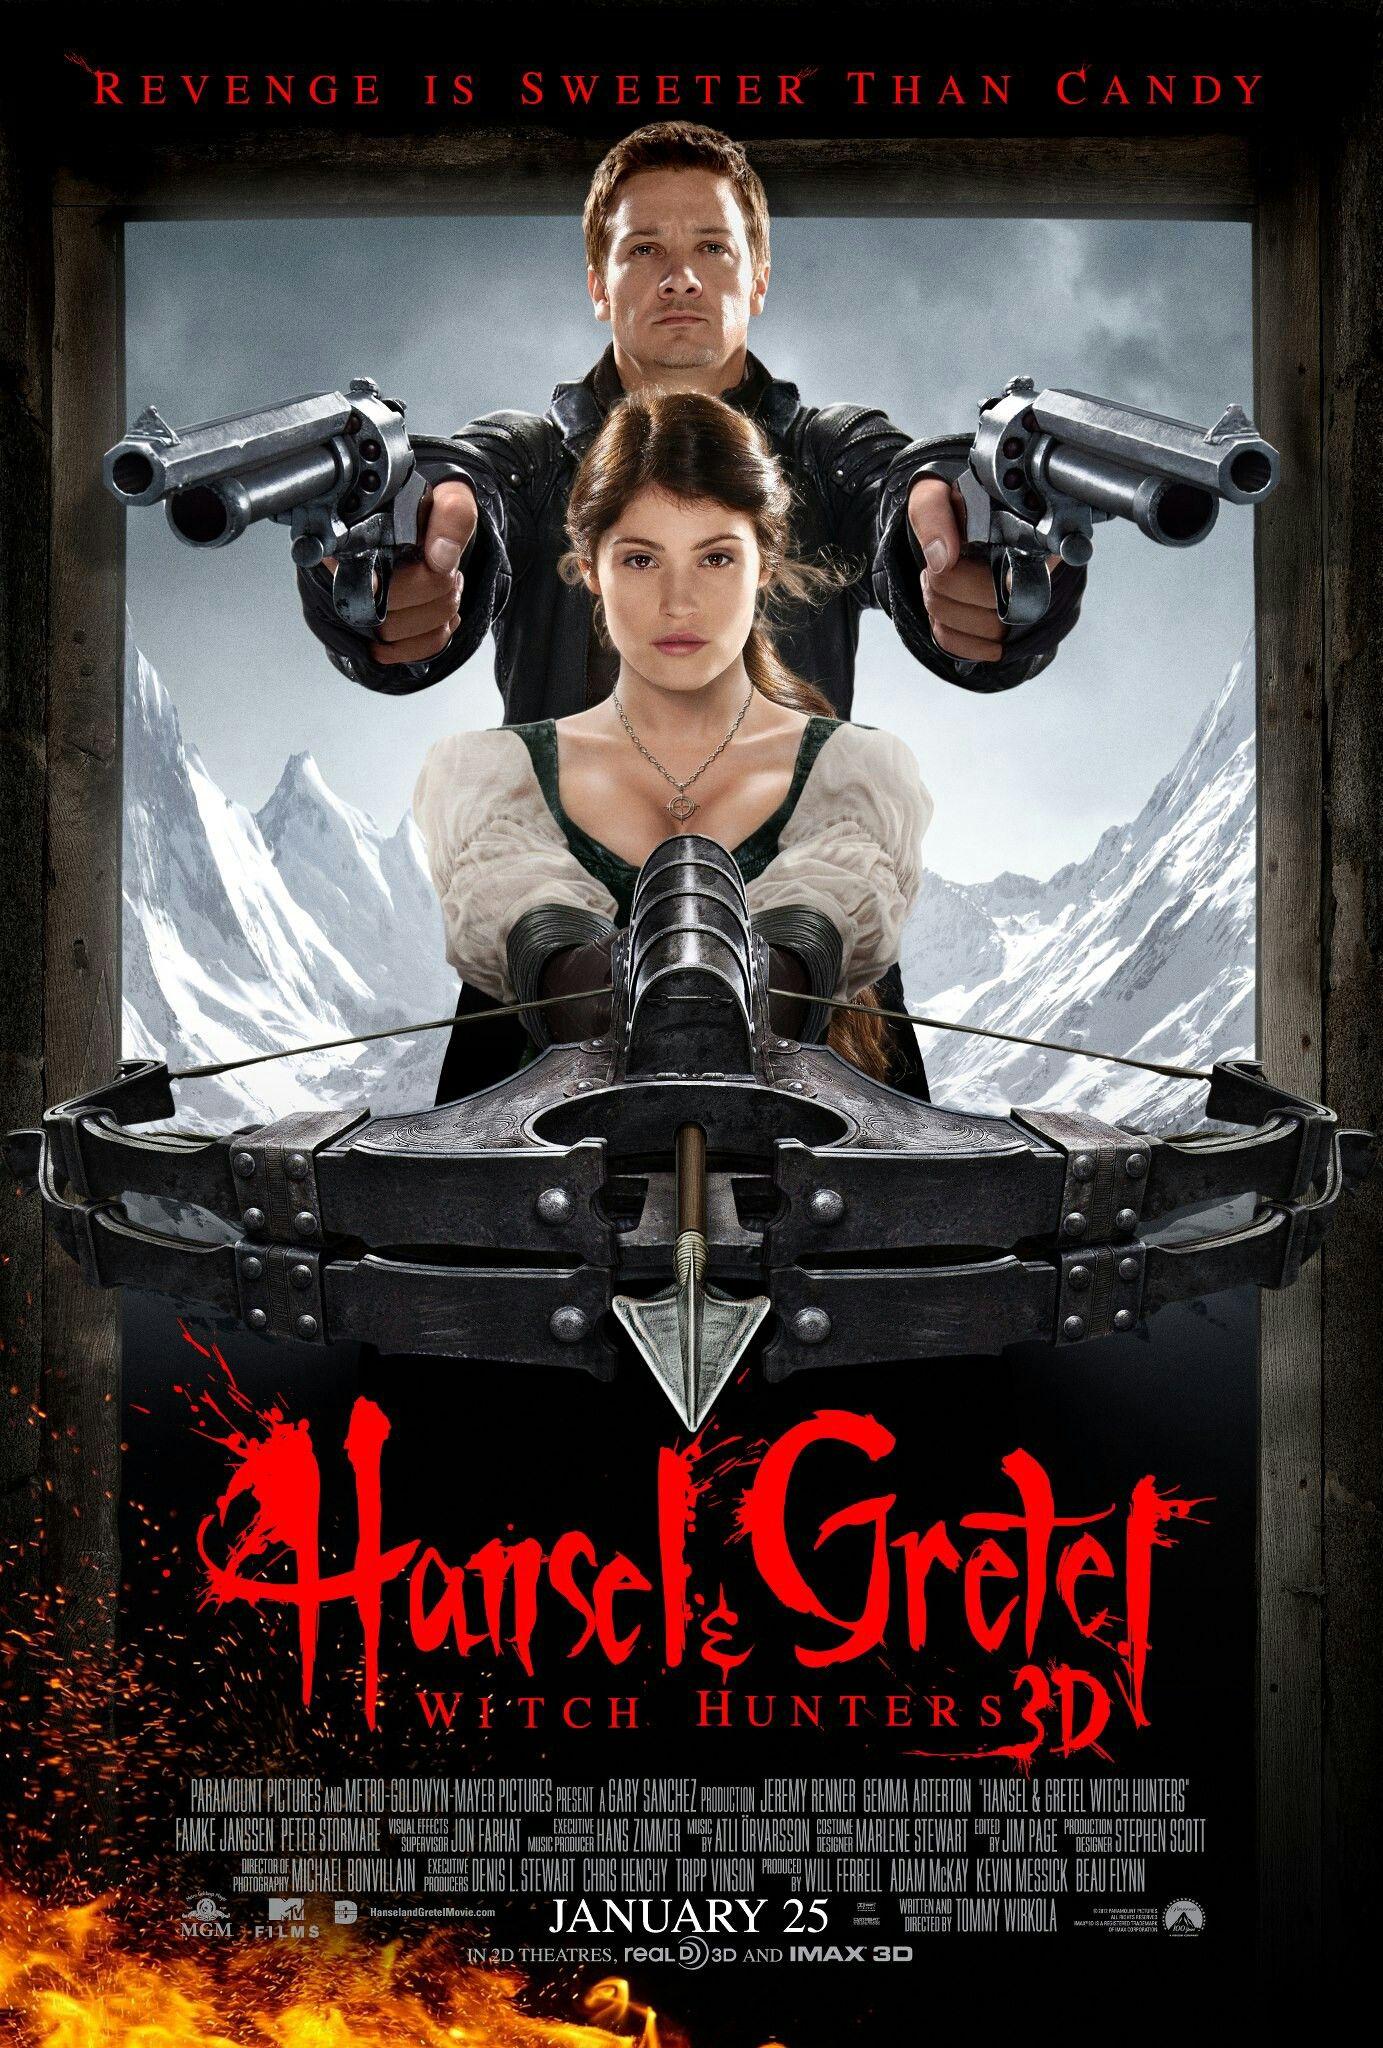 2013 Hansel Y Gretel Cazadores De Brujas Hansel Gretel Witch Hunters Tommy Wirkola Hansel Y Gretel Peliculas En Linea Gratis Peliculas Cine